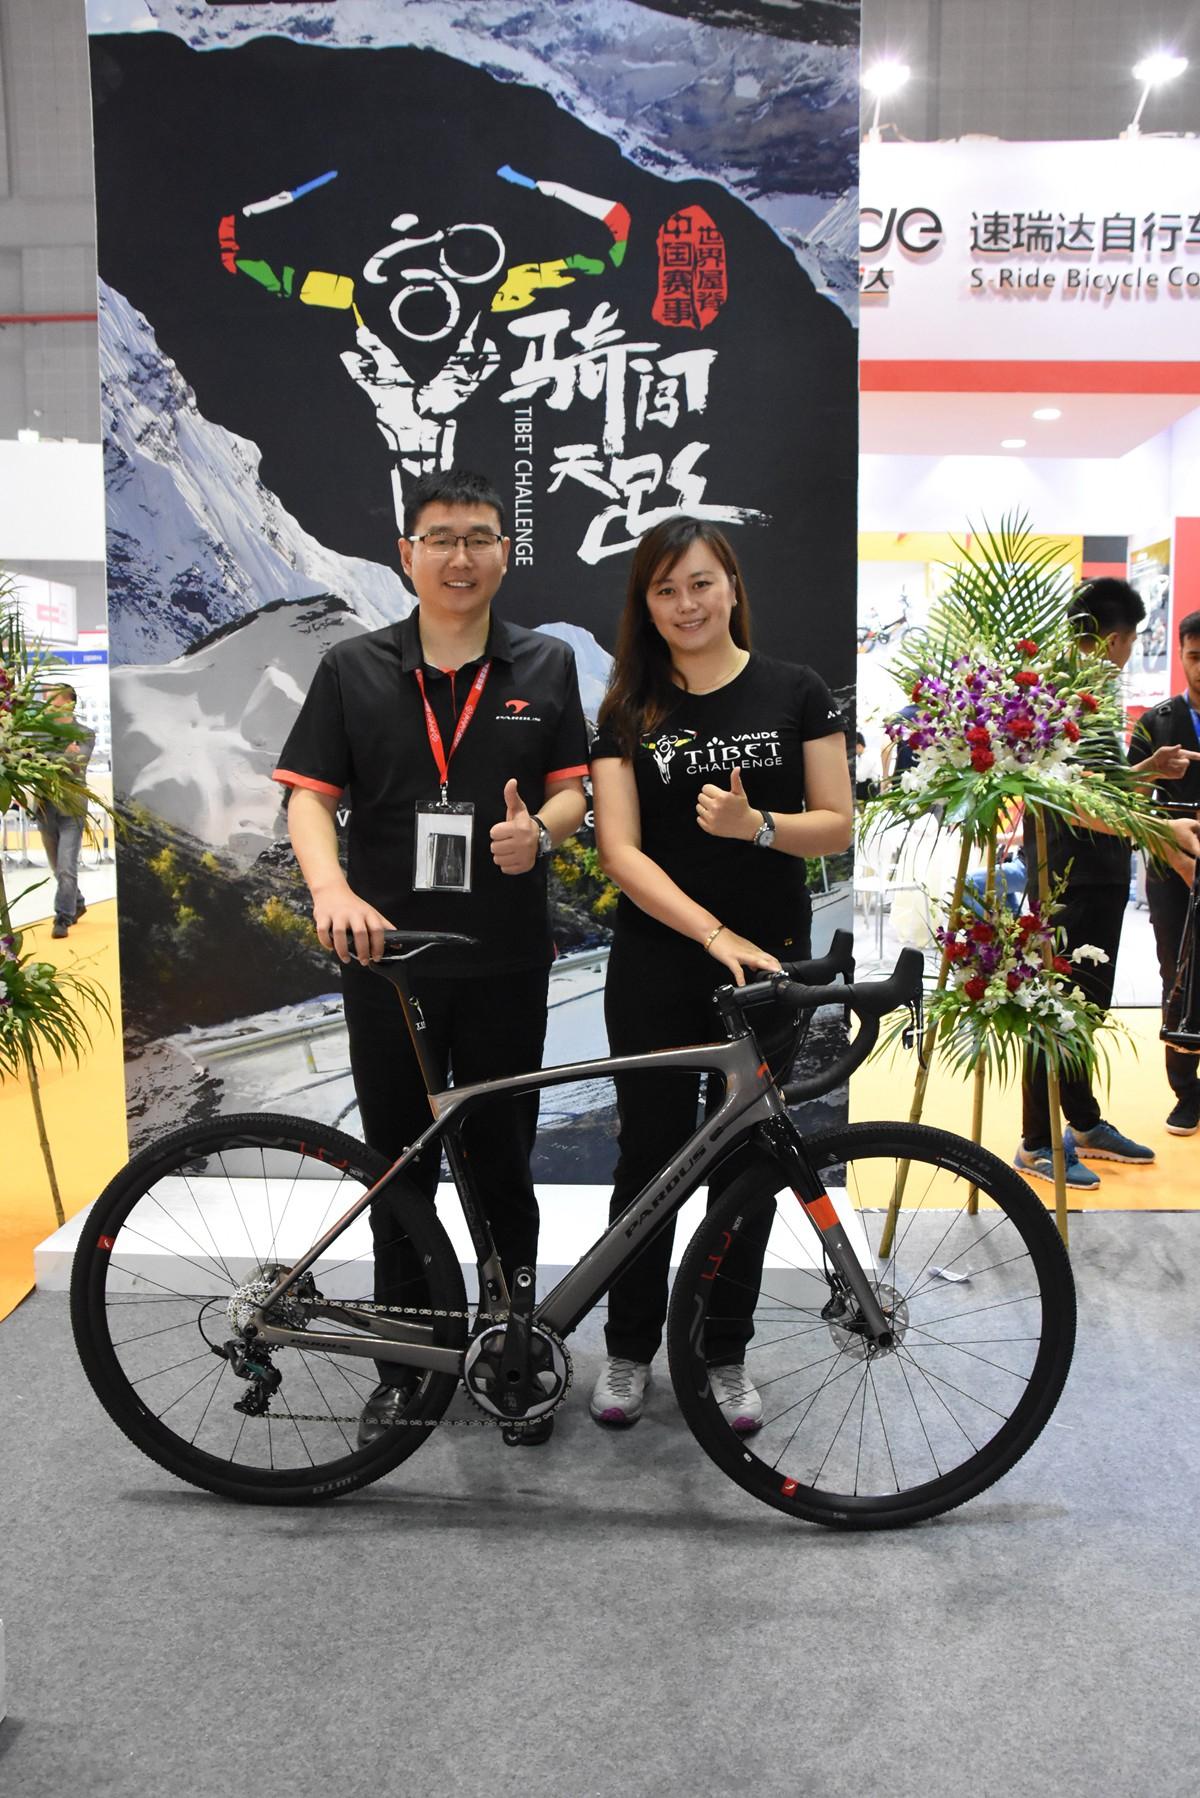 Pardus瑞豹运动自行车与国内顶级原创赛事IP骑闯天路达成合作-领骑网